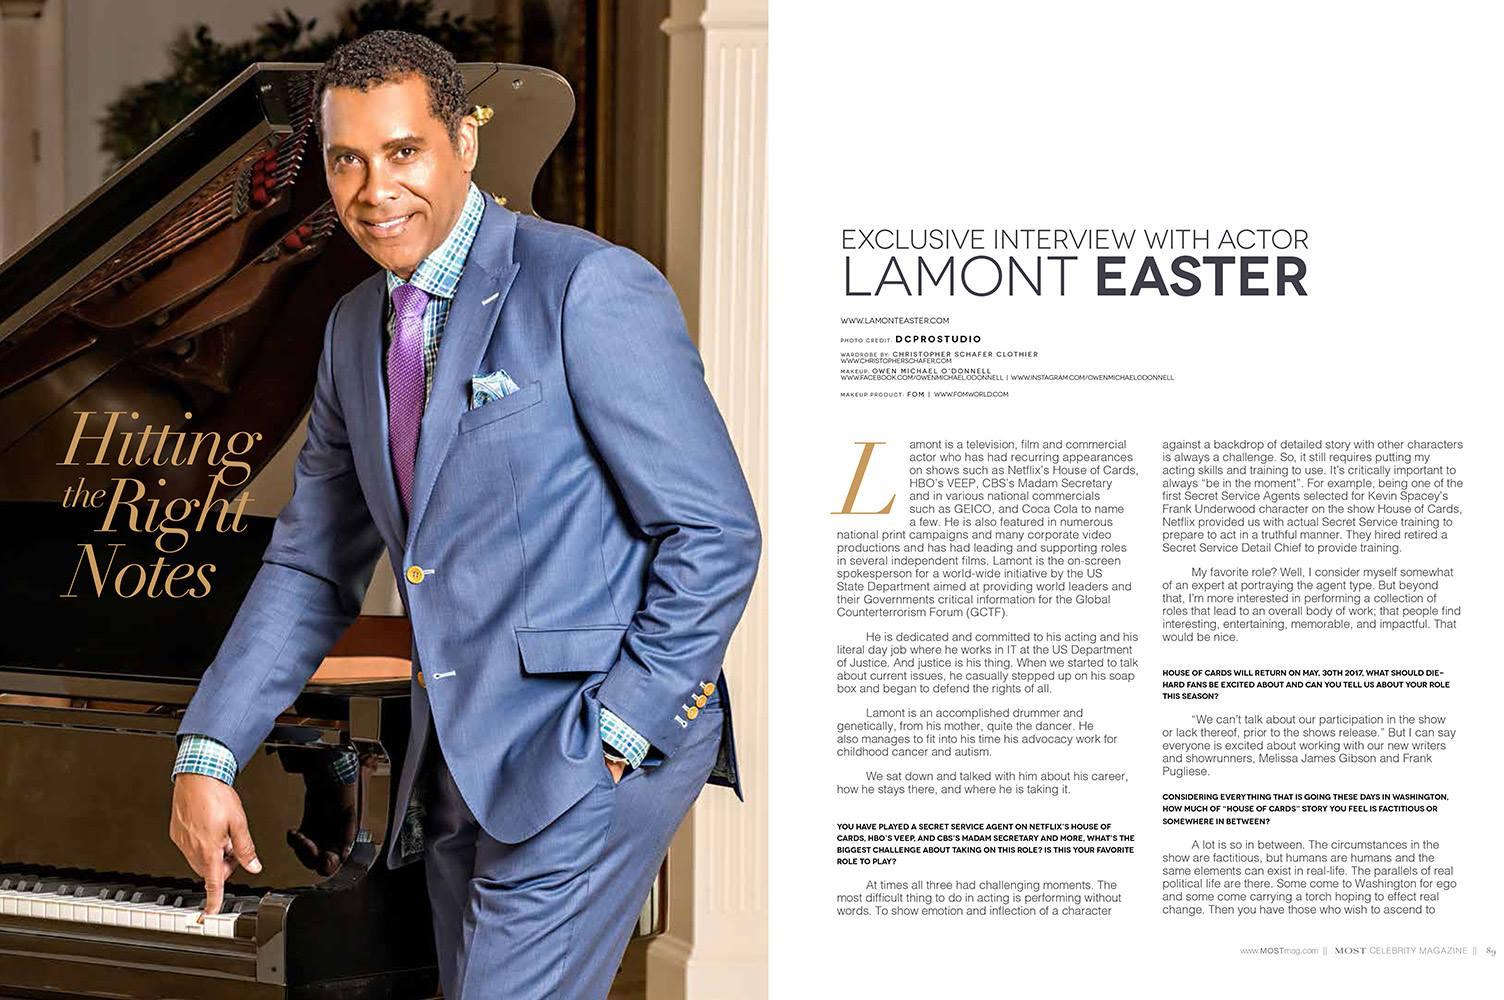 Lamont Easter